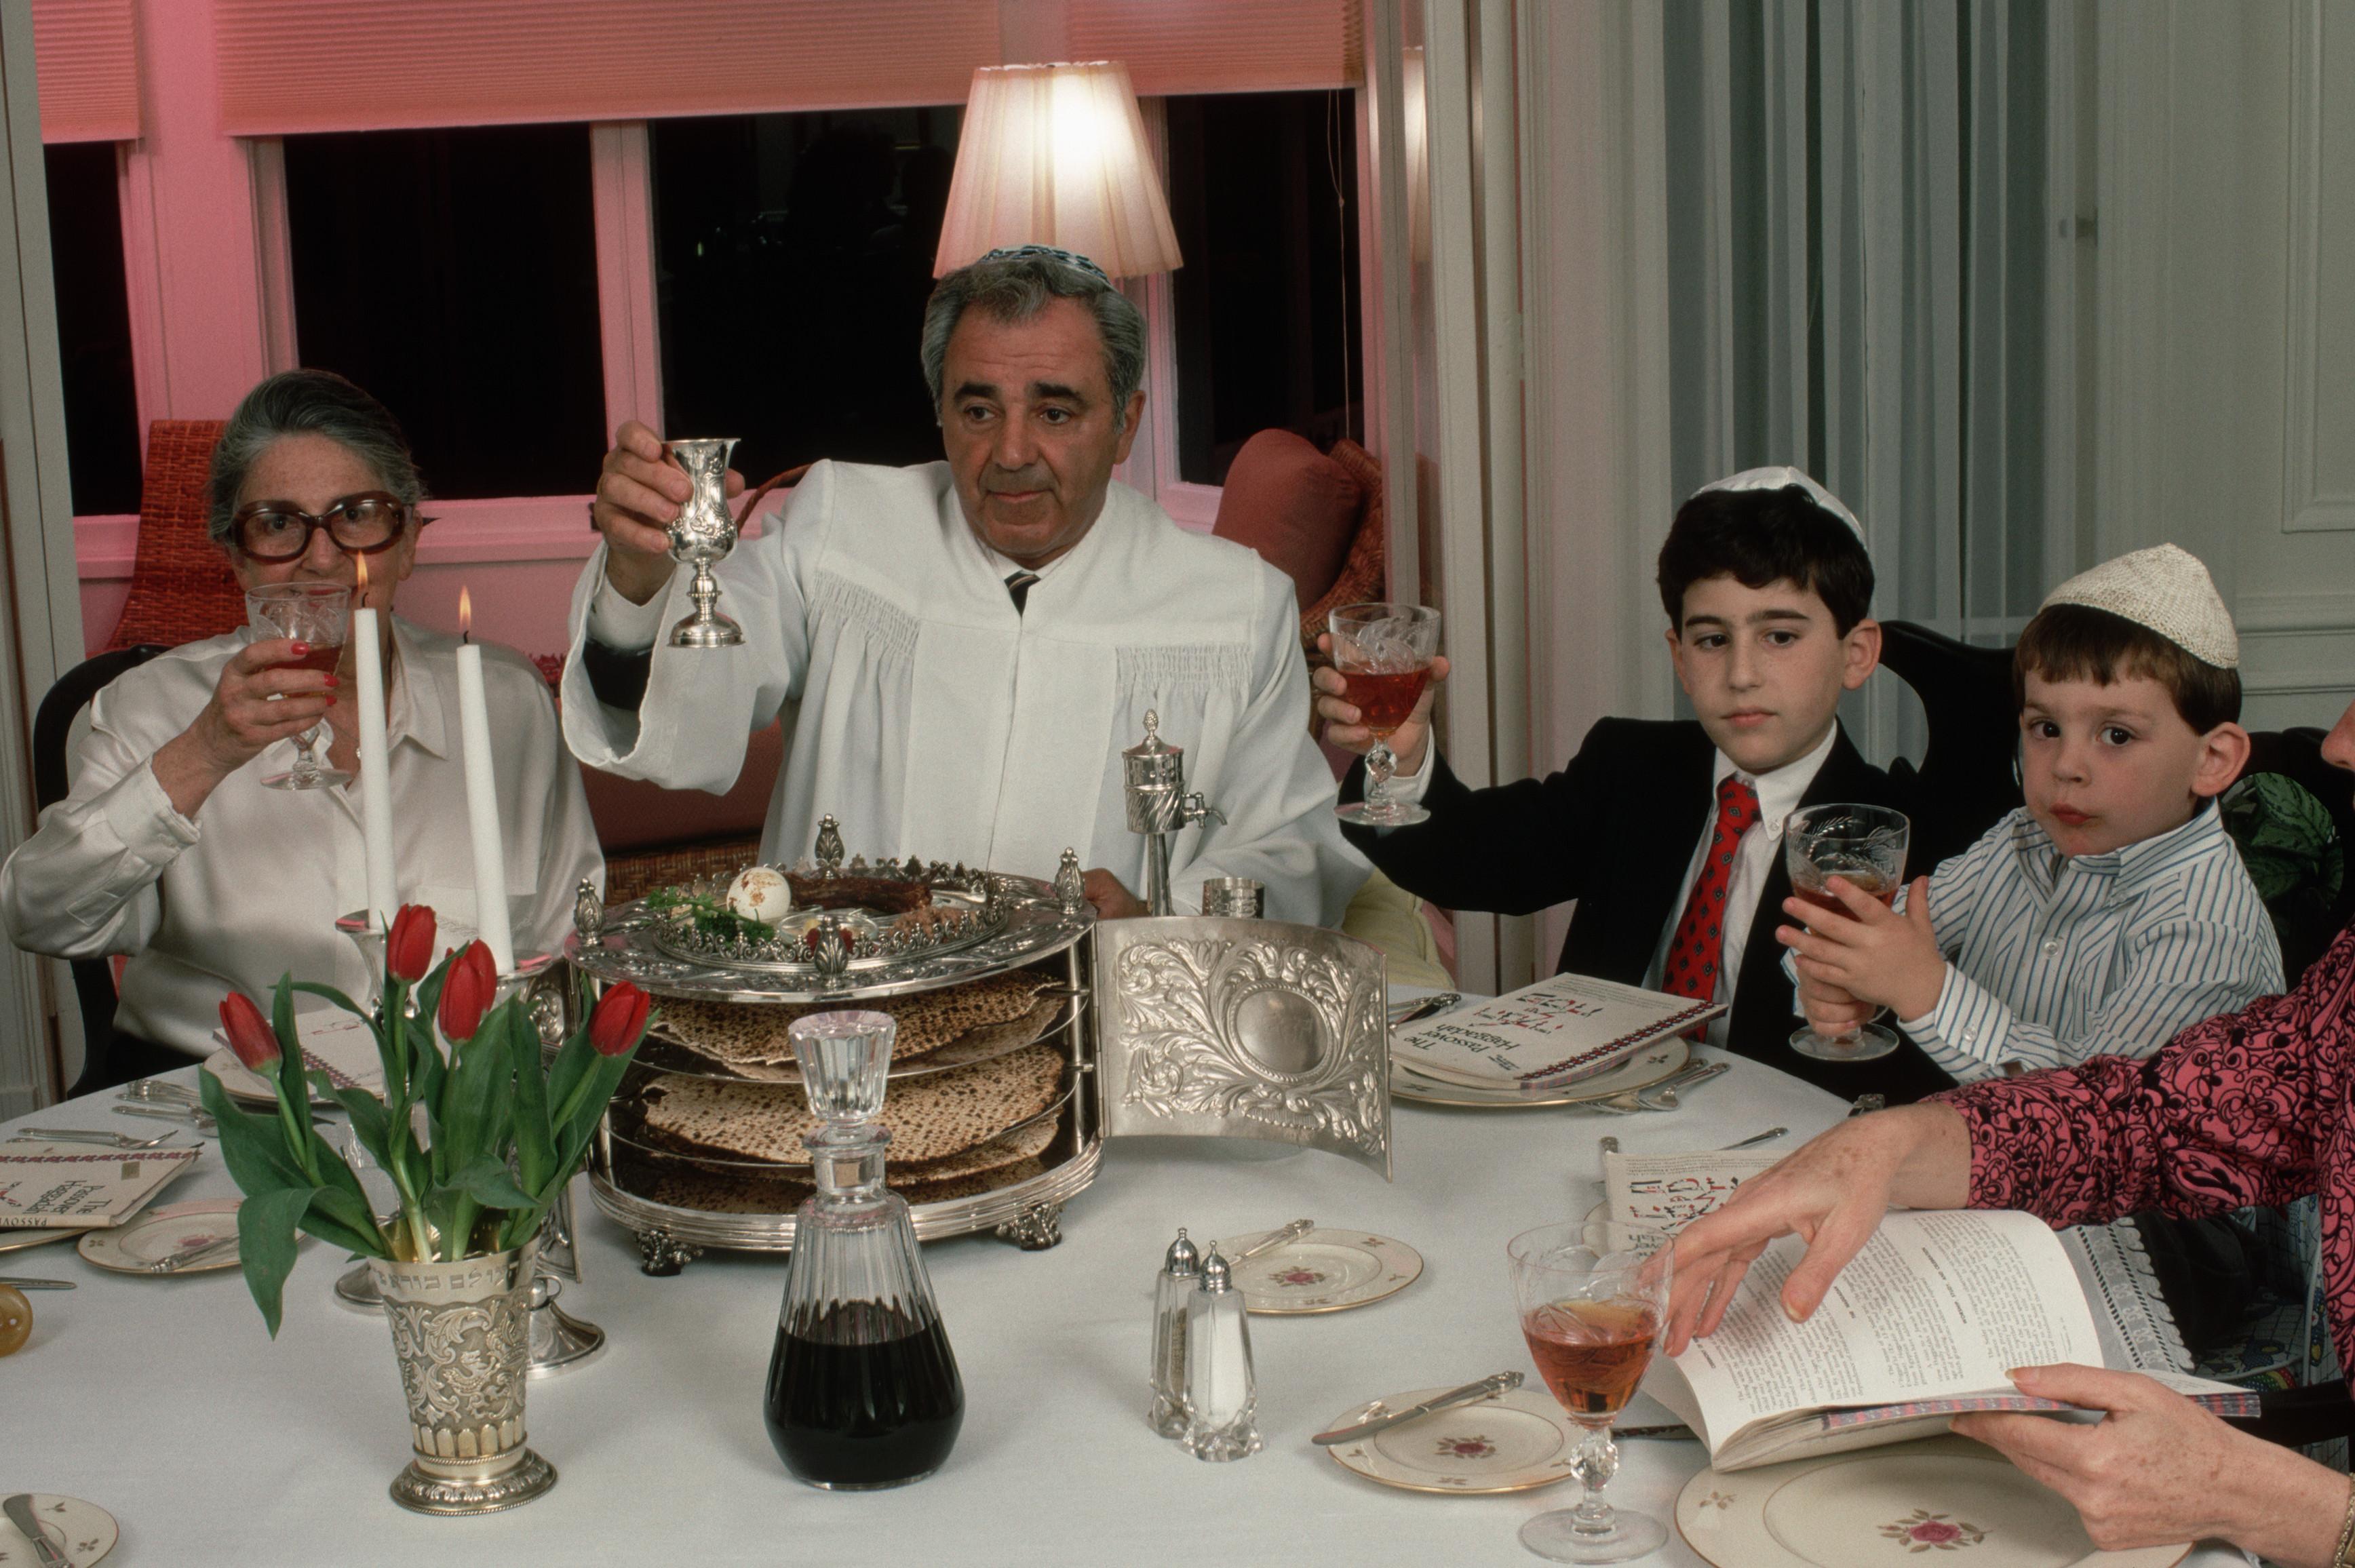 Jewish Passover Celebration Jewish-family-celebrating